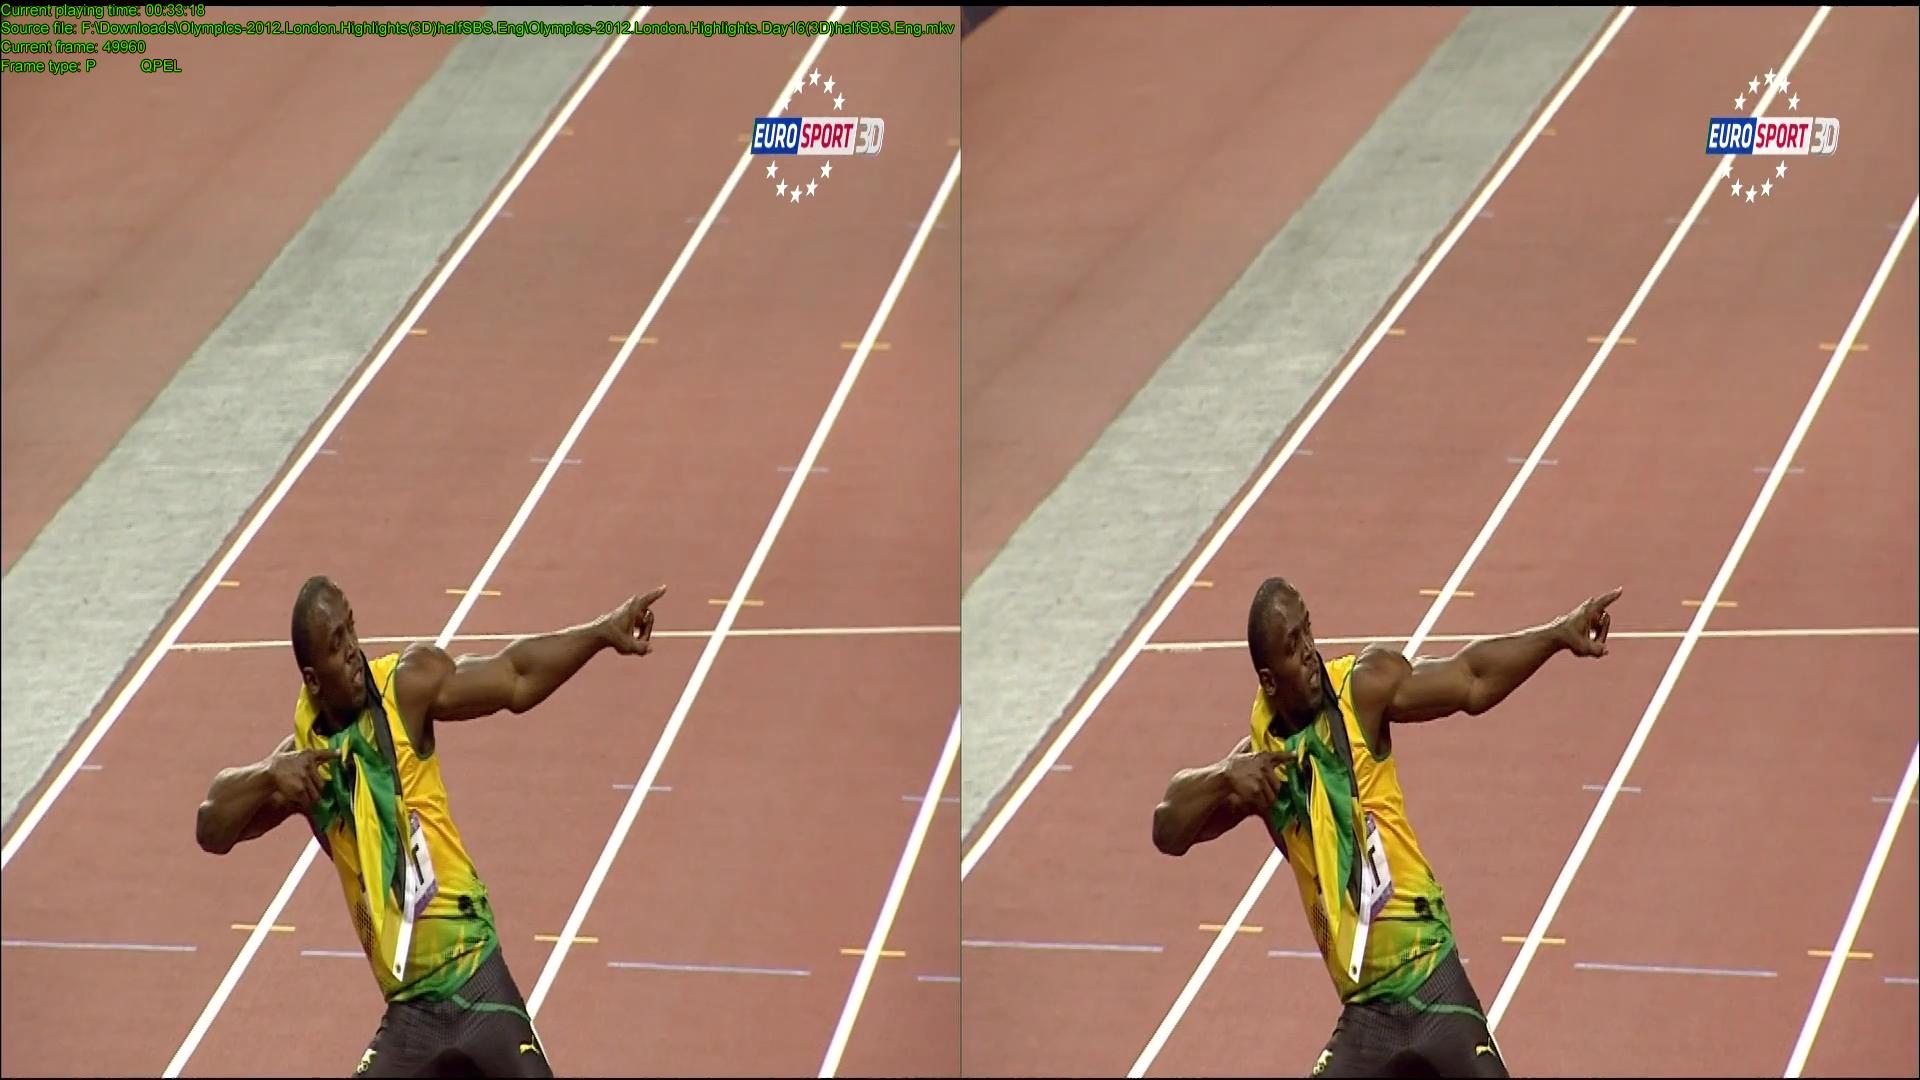 Изображение для Олимпийские игры - 2012. Лондон. Highlights 3Д / Olympic Games - 2012. London. Highlights 3D (2012) [HDTVrip-AVC, ENG, Half SideBySide / Горизонтальная анаморфная стереопара] (кликните для просмотра полного изображения)